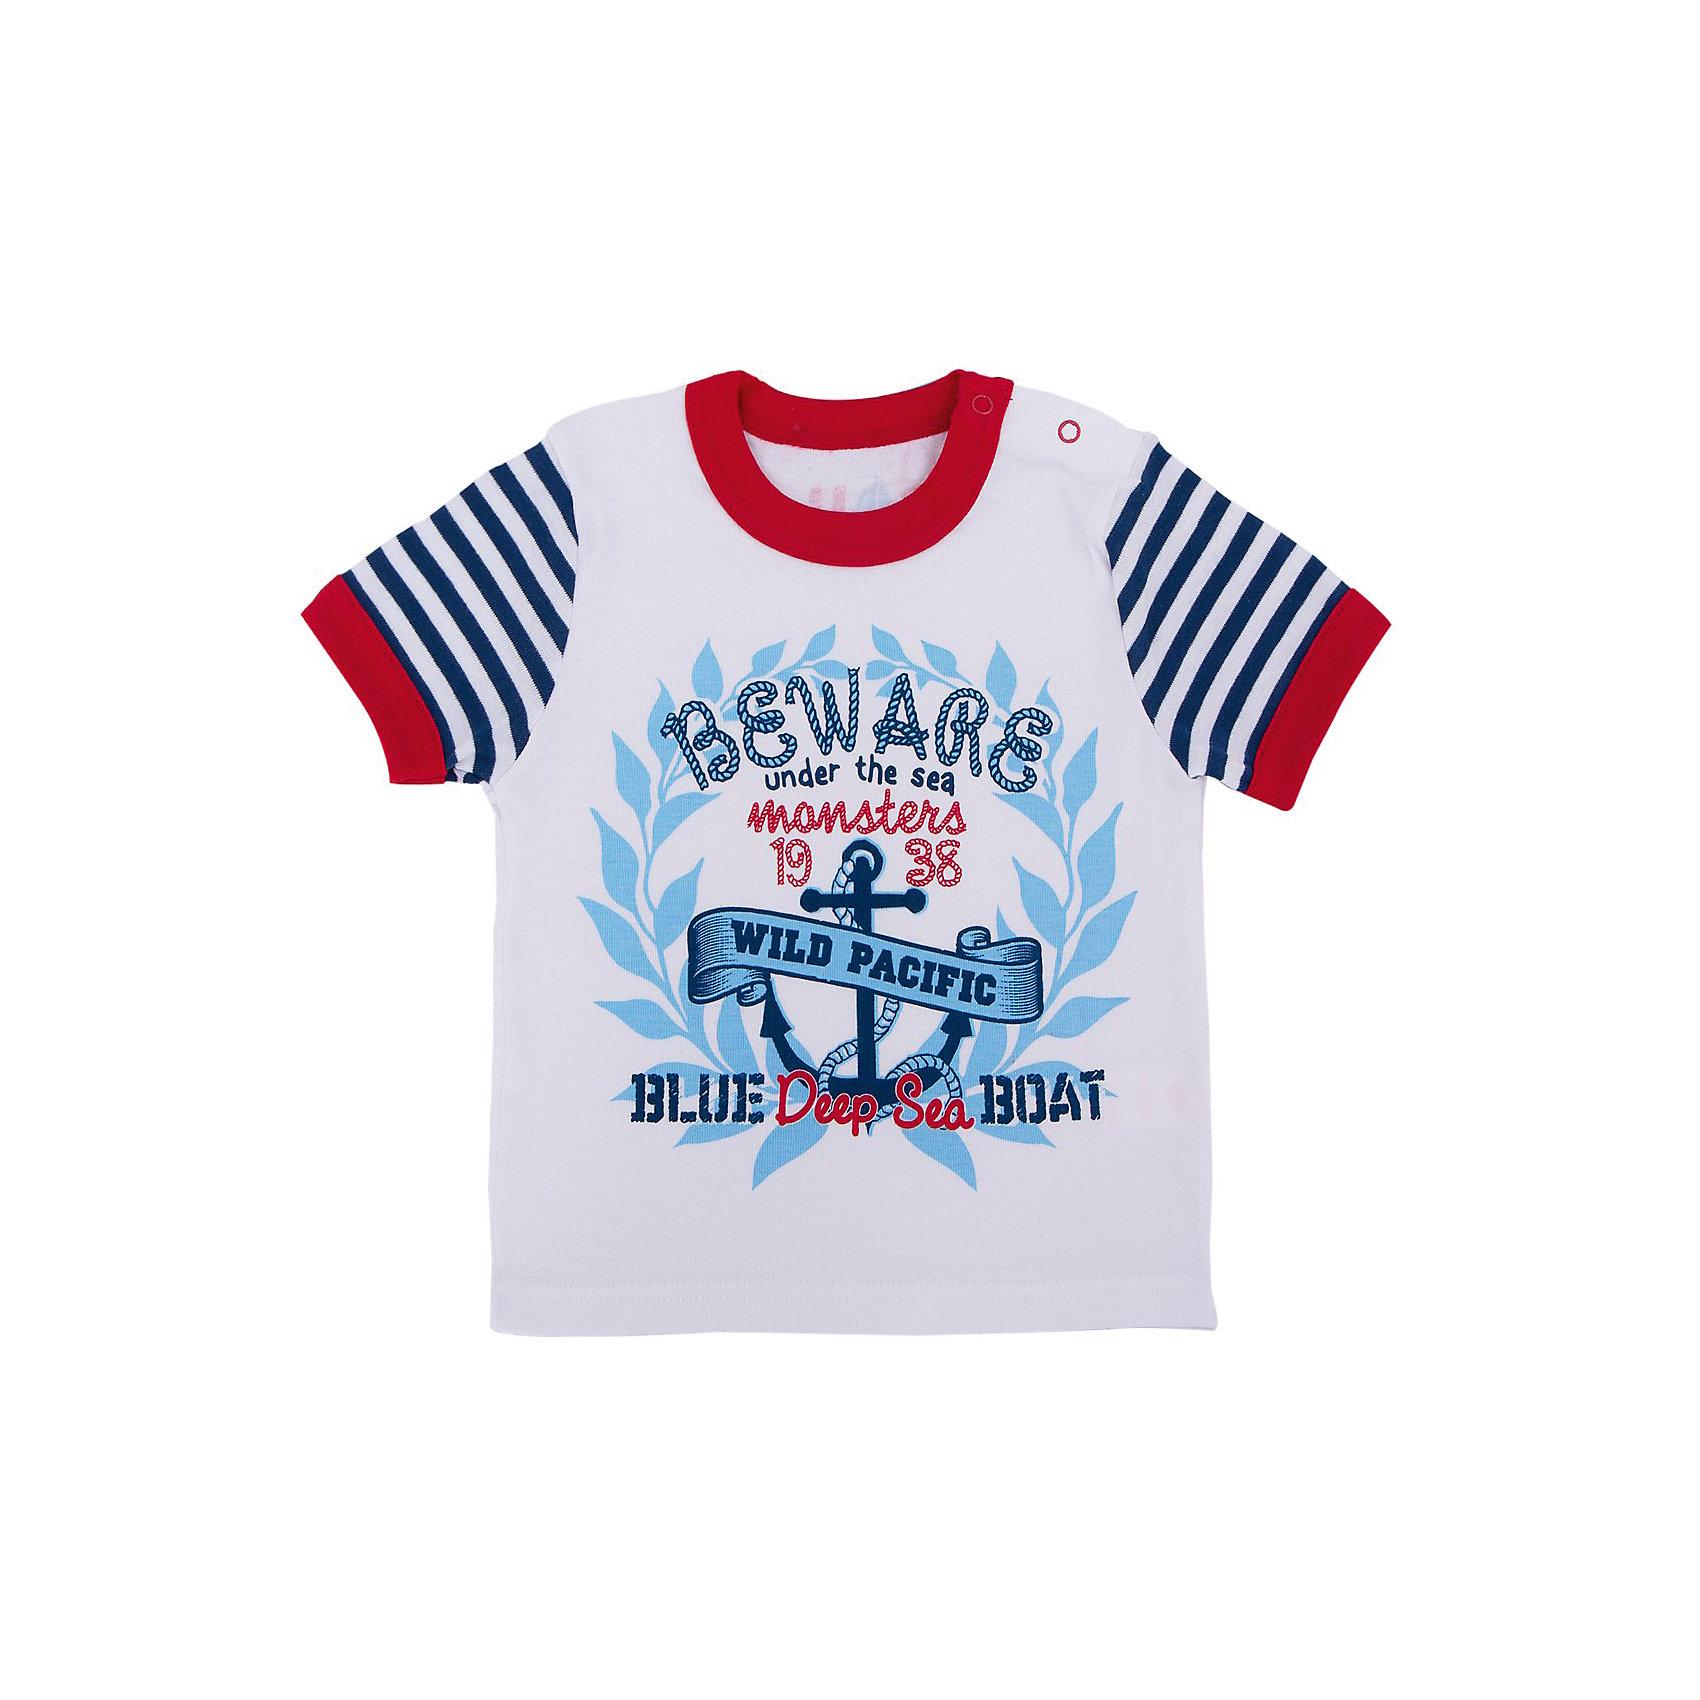 Футболка АпрельСтильная футболка для мальчика из серии Капитан от торговой марки Апрель выполнена из легкого хлопкового полотна. Ткань приятная на ощупь, не сковывает движения, обеспечивая наибольший комфорт. Изделие с короткими рукавами, декорировано дизайнерским принтом. Отличный вариант на каждый день. Рекомендуется машинная стирка при температуре 40 градусов без предварительного замачивания.<br><br>Дополнительная информация: <br><br>- цвет: белый, красный, синий, голубой<br>- состав: хлопок 100%<br>- длина рукава: короткие<br>- вид бретелек: без бретелек<br>- вид застежки: без застежки<br>- фактура материала: трикотажный<br>- по назначению: повседневный стиль<br>- сезон: лето<br>- пол: мальчики<br>- фирма-производитель: Апрель<br>- страна производитель: Россия<br>- комплектация: футболка<br>- коллекция: Капитан<br><br>Футболку для мальчика из серии Капитан от торговой марки Апрель можно купить в нашем интернет-магазине.<br><br>Ширина мм: 190<br>Глубина мм: 74<br>Высота мм: 229<br>Вес г: 236<br>Цвет: разноцветный<br>Возраст от месяцев: 6<br>Возраст до месяцев: 9<br>Пол: Унисекс<br>Возраст: Детский<br>Размер: 74,86,80,92<br>SKU: 4630893